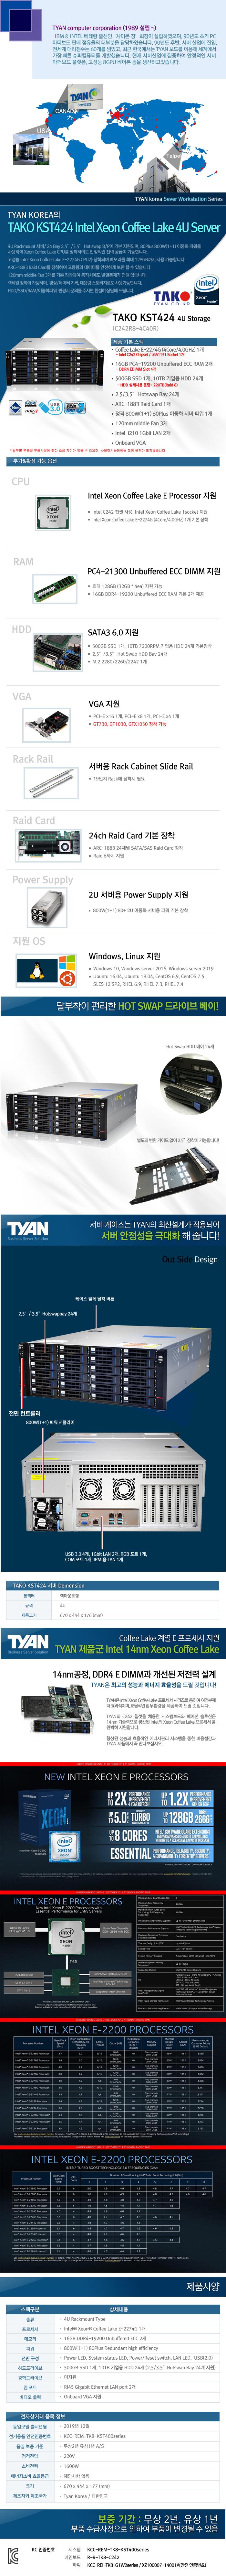 TYAN TAKO-KST424-(C242R8-4C40R) (32GB, SSD 500GB + 220TB)